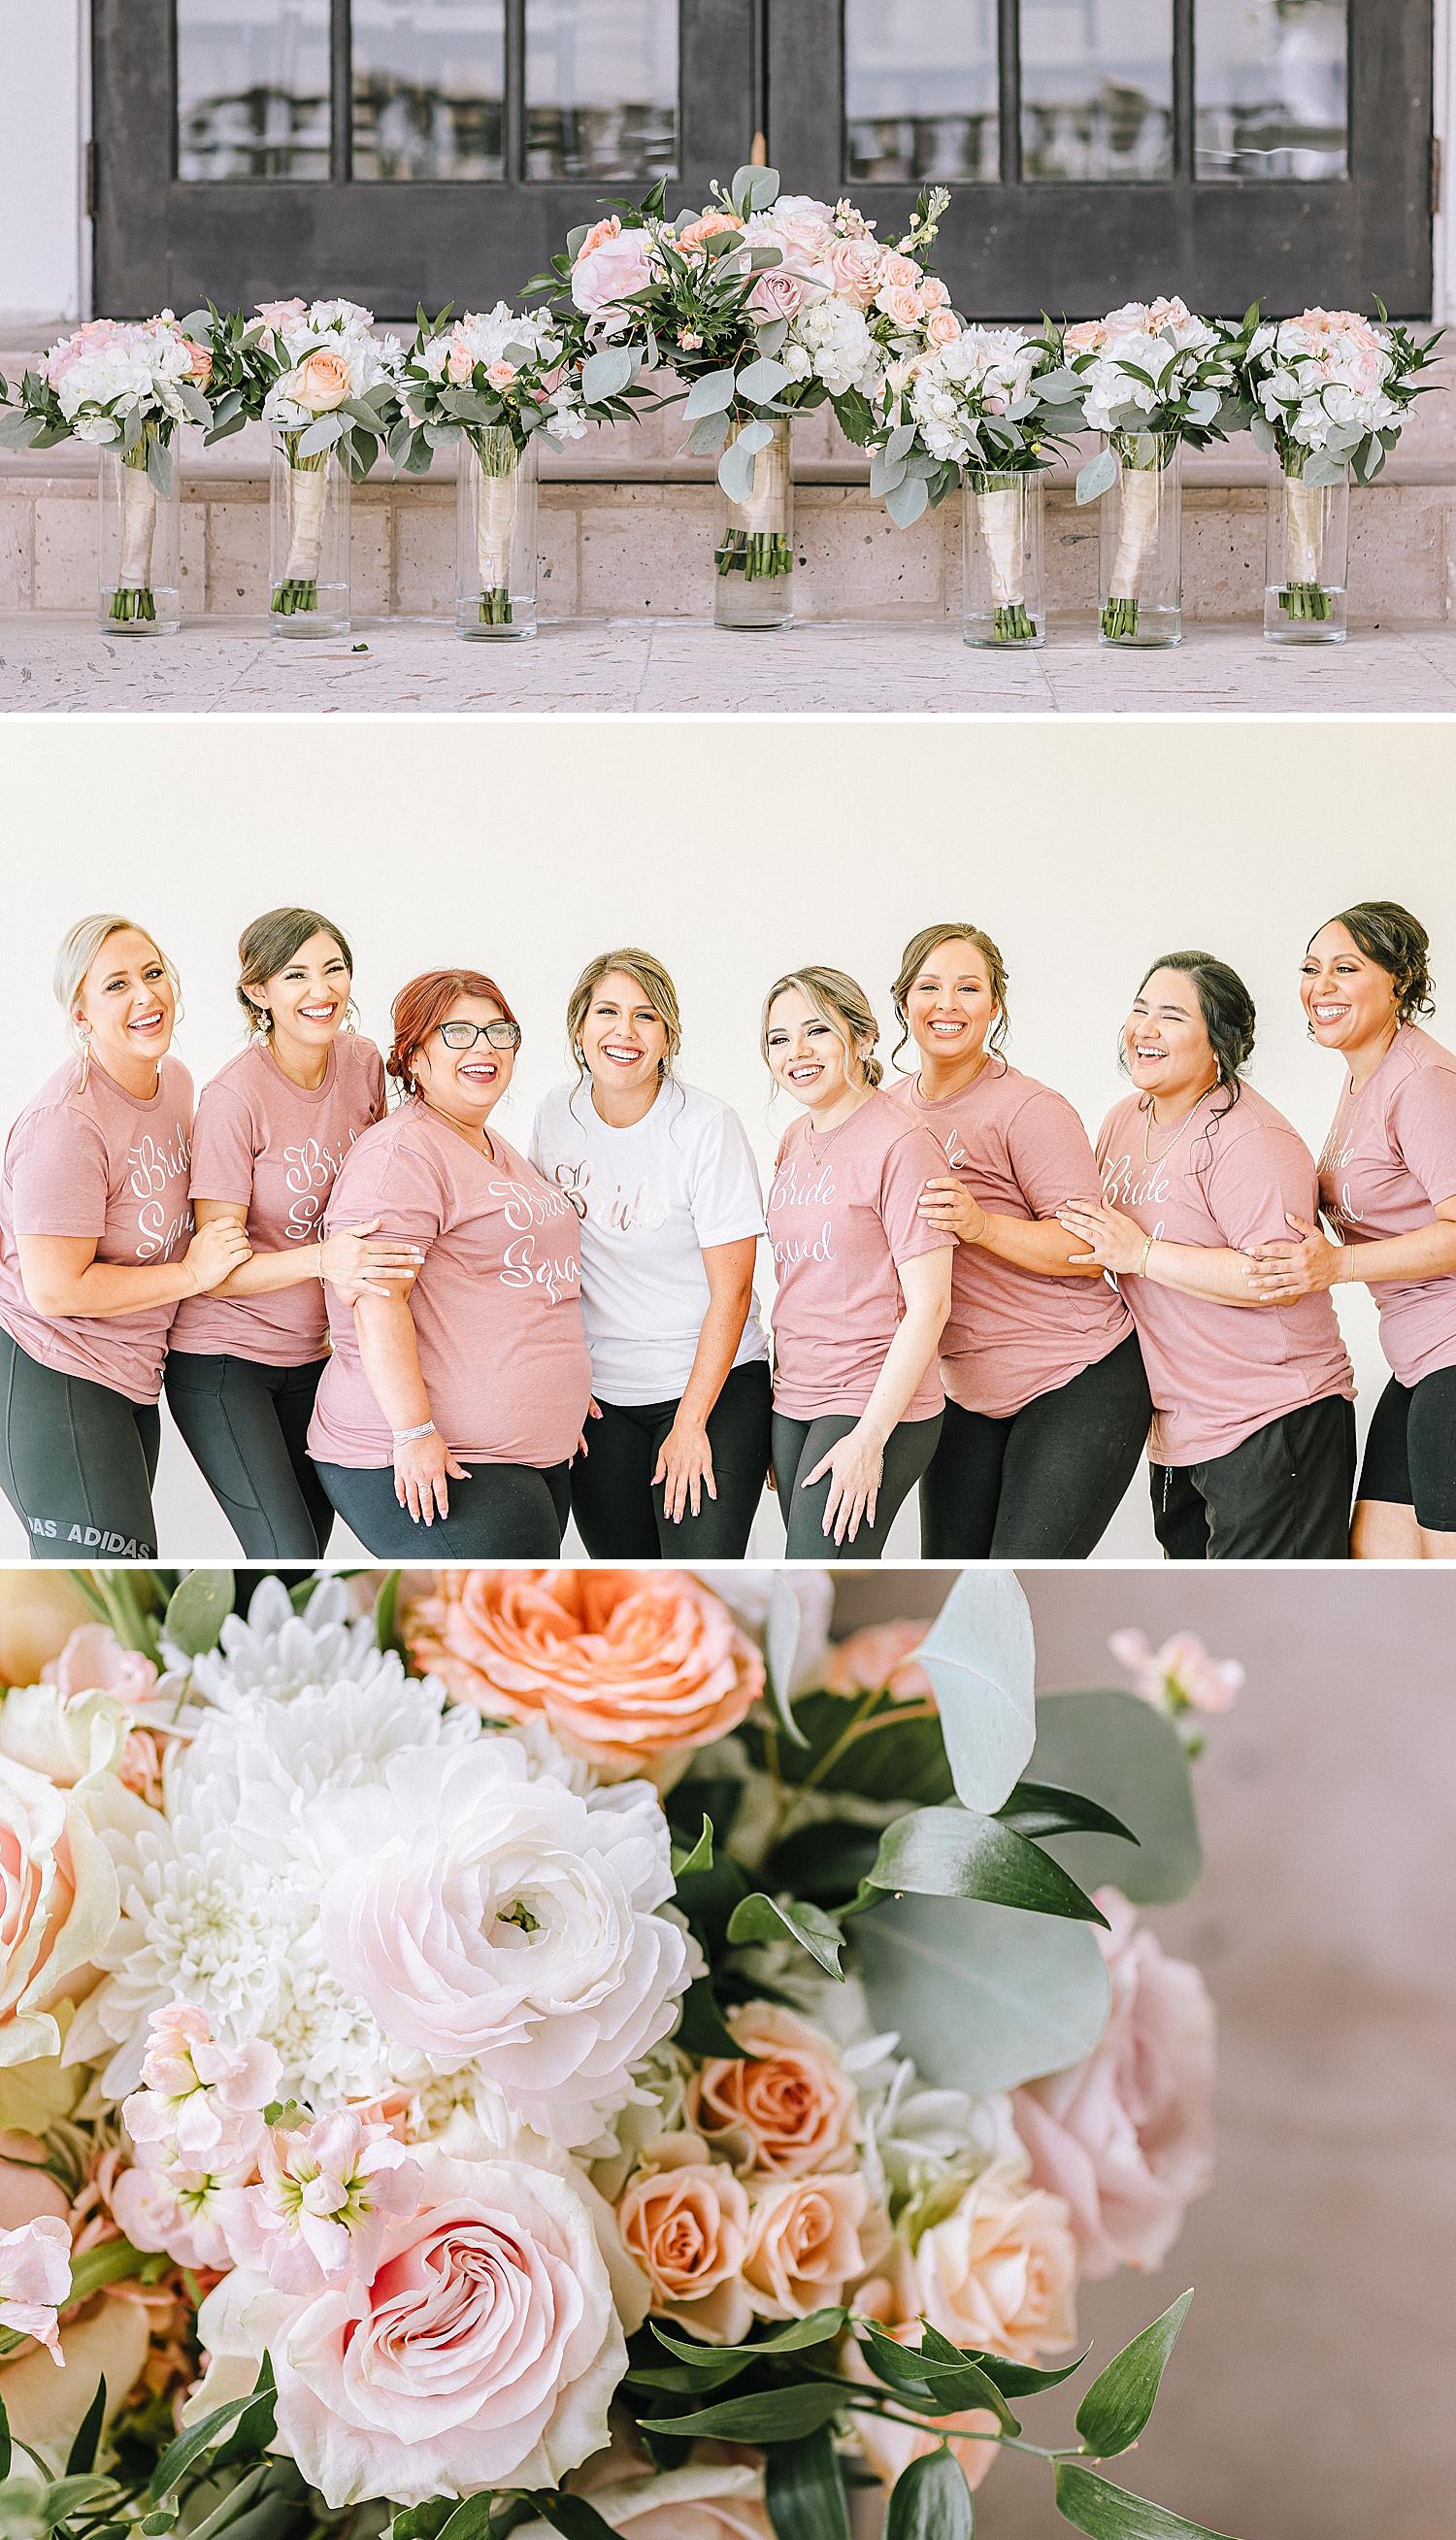 Carly-Barton-Photography-The-Villa-at-Cielo-Vista-Blush-Gold-White-Wedding-Photos_0096.jpg